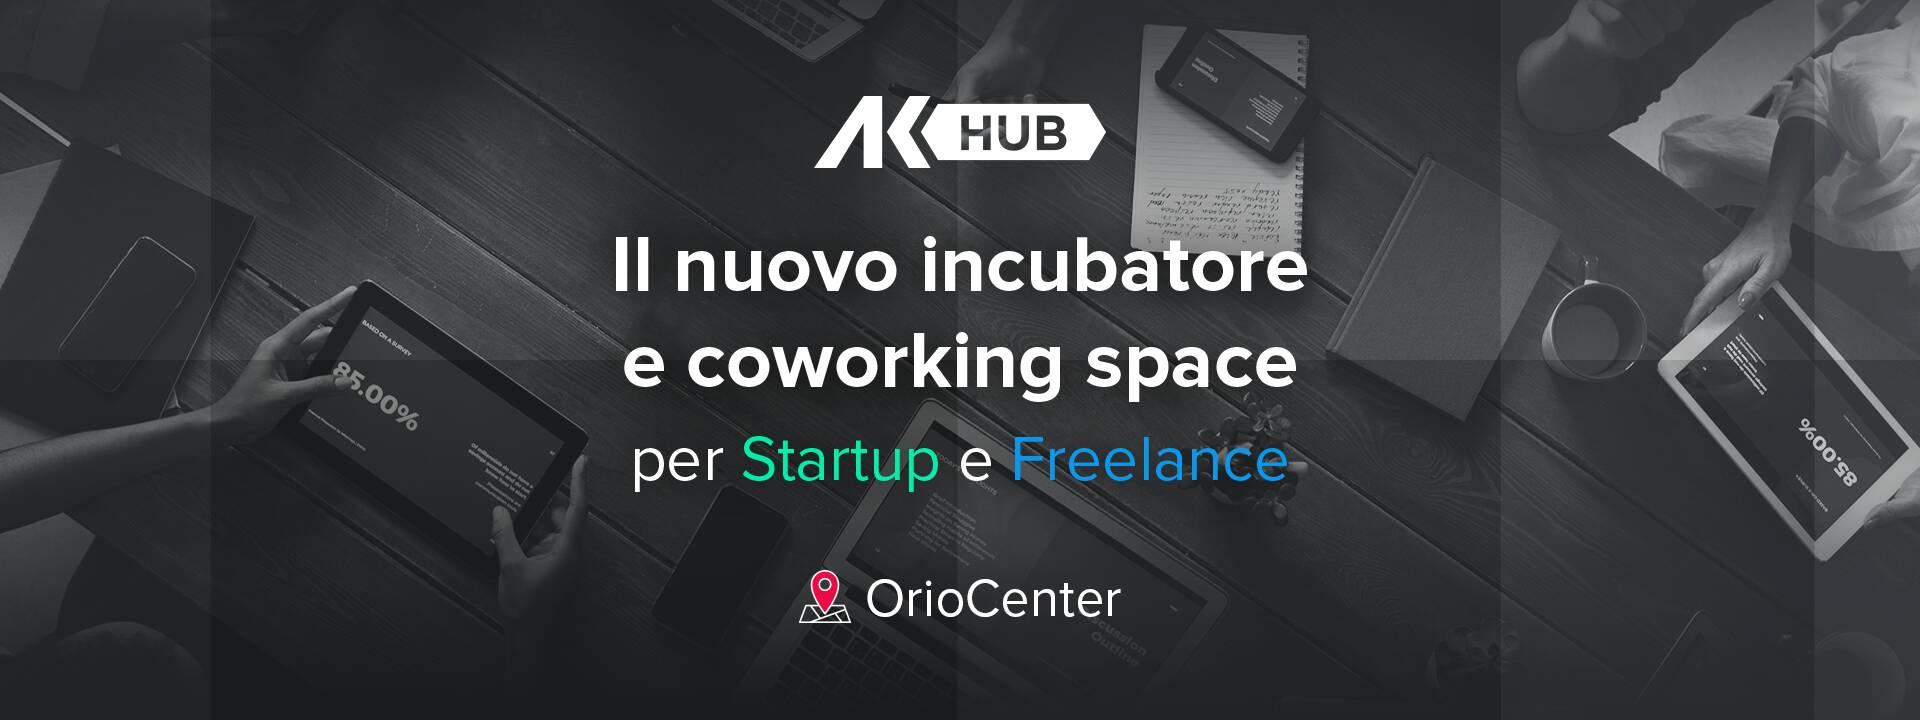 AK Hub